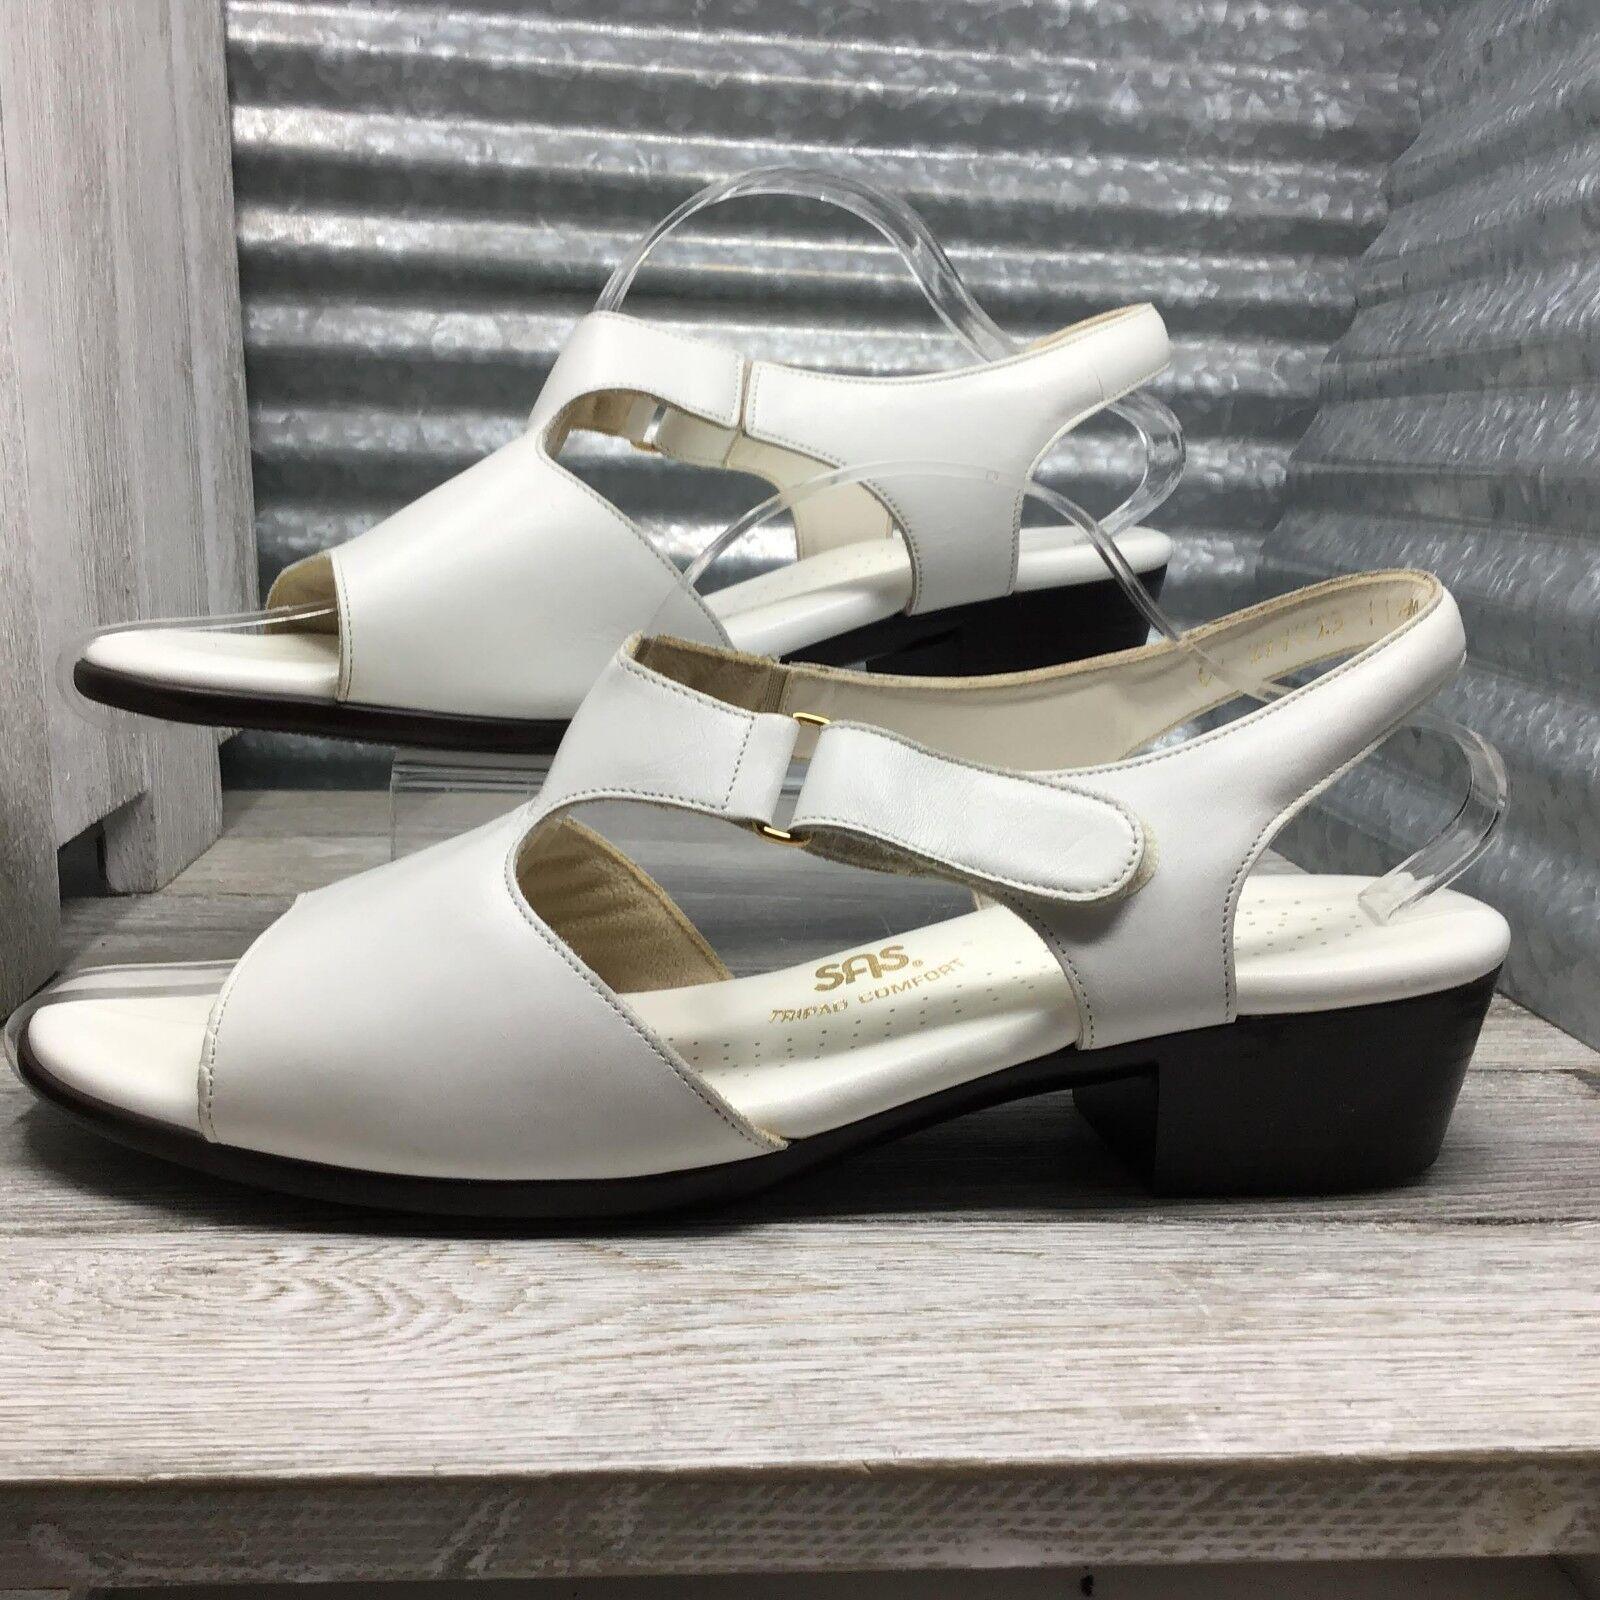 SAS Comodidad Zapato De Cuero blancoo Sandalia De Mujer Mujer Mujer Talla 11.5 Made In Usa  70% de descuento